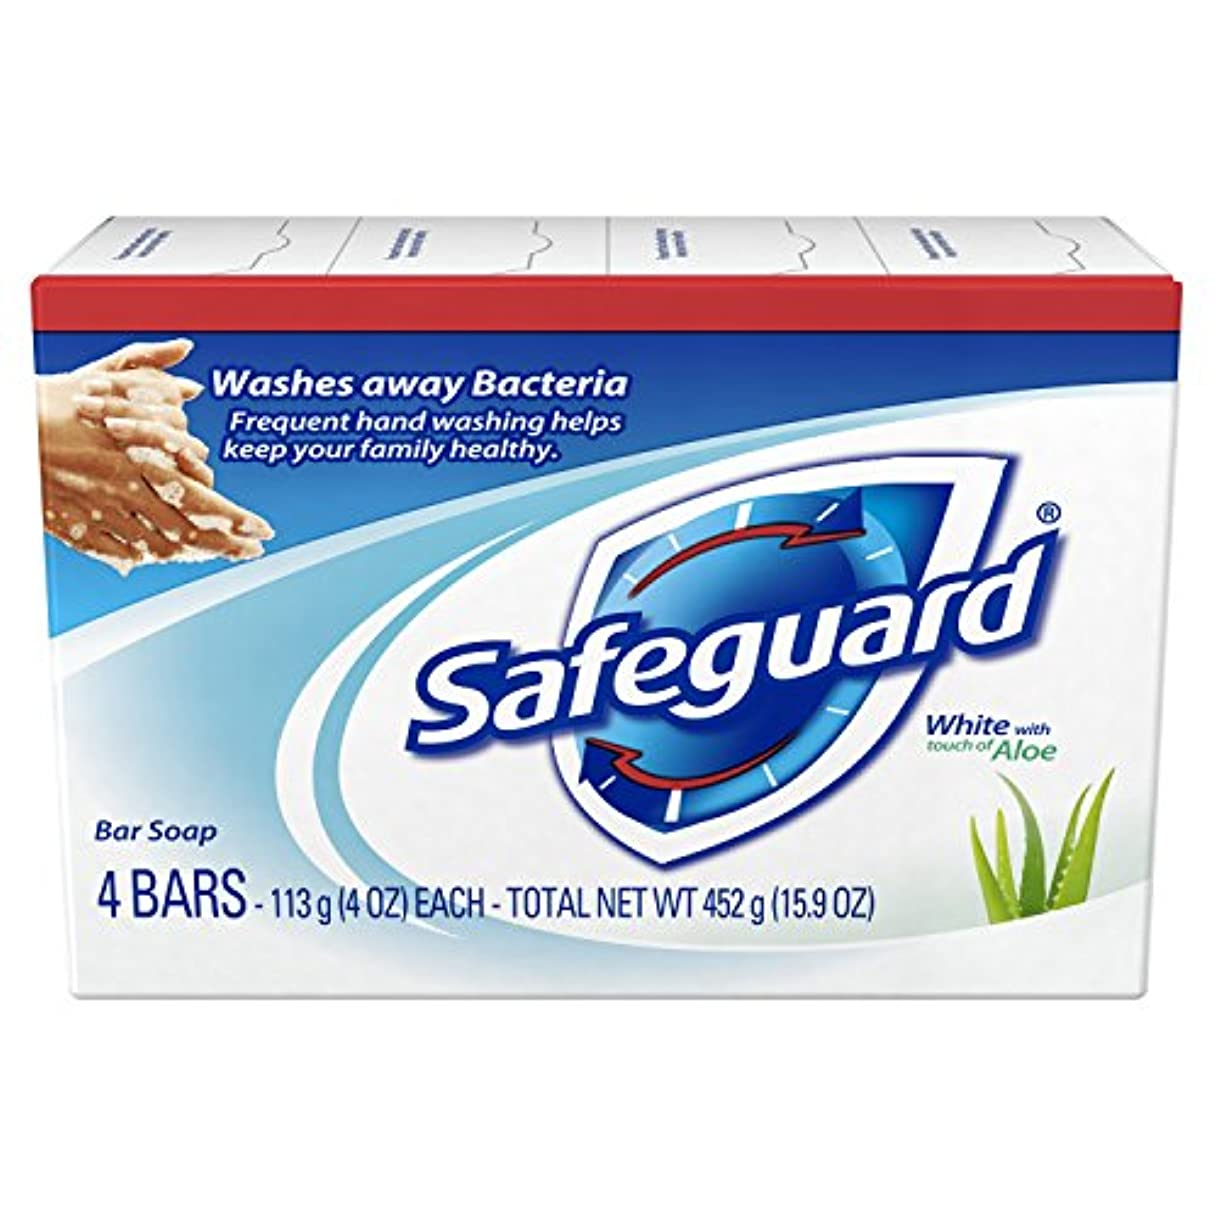 ハント原因物質Safeguard アロエ4オズバー、4EA(5パック)で抗菌消臭石鹸ホワイト 5パック